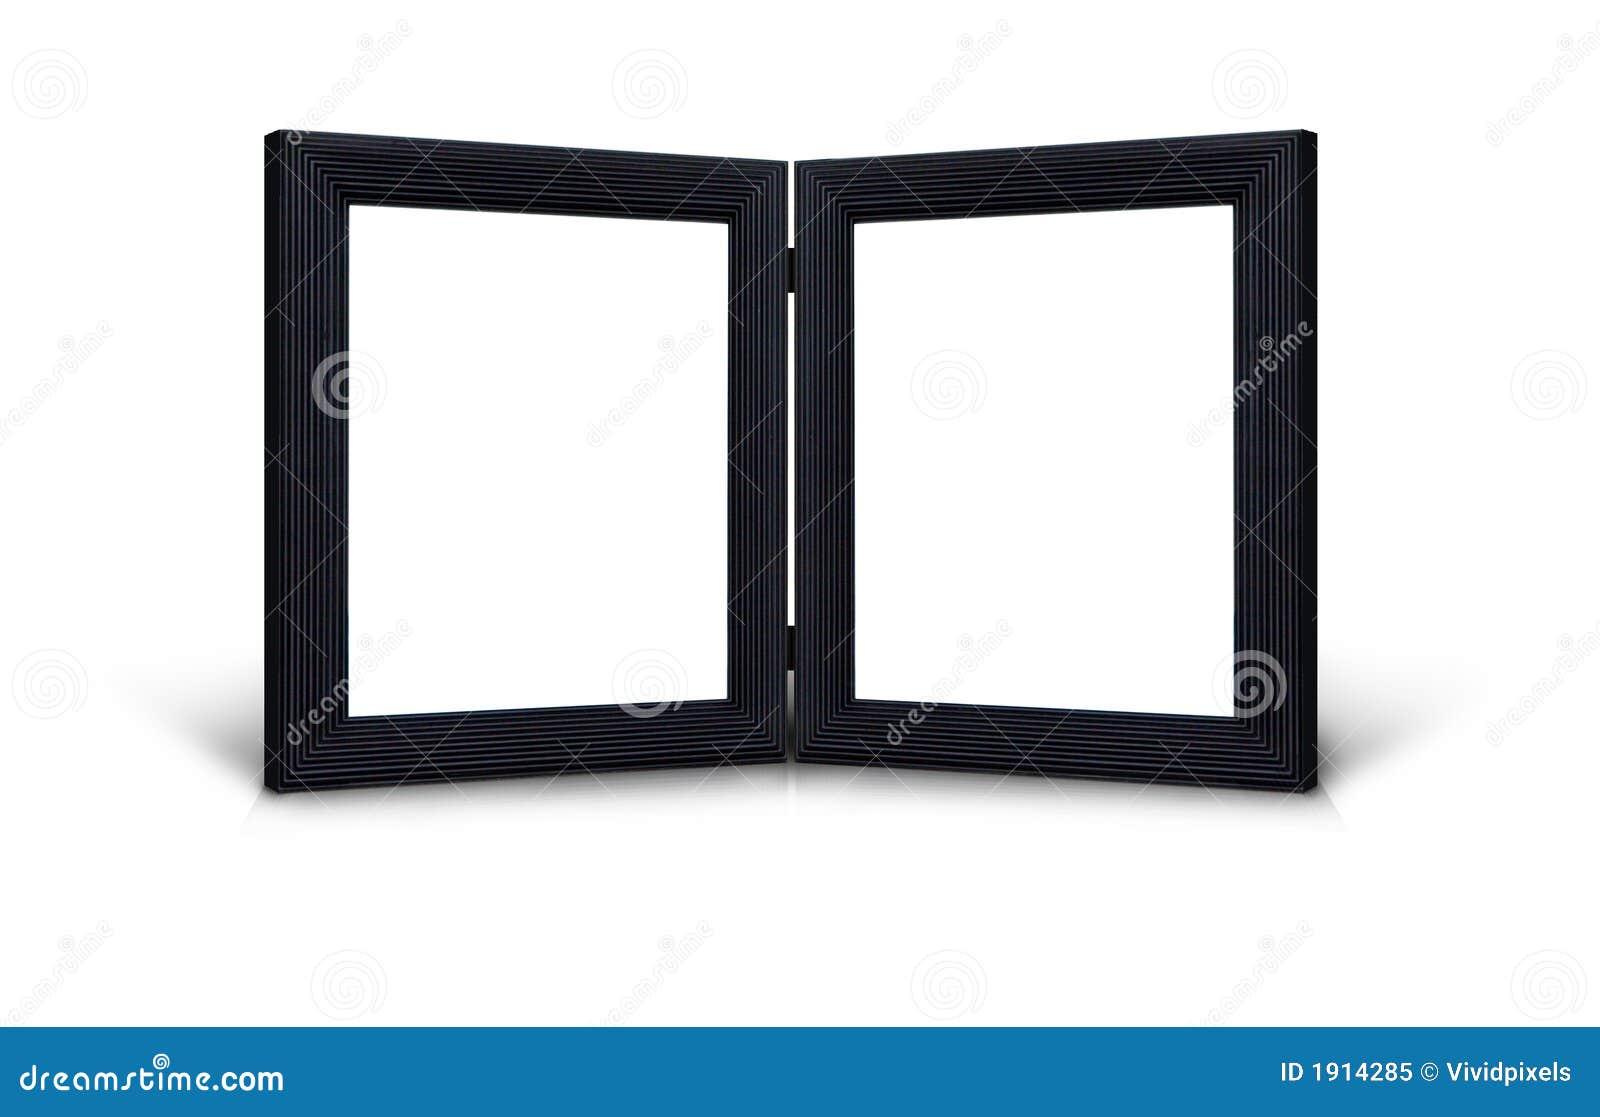 Ziemlich Twin Picture Frames Fotos - Benutzerdefinierte Bilderrahmen ...